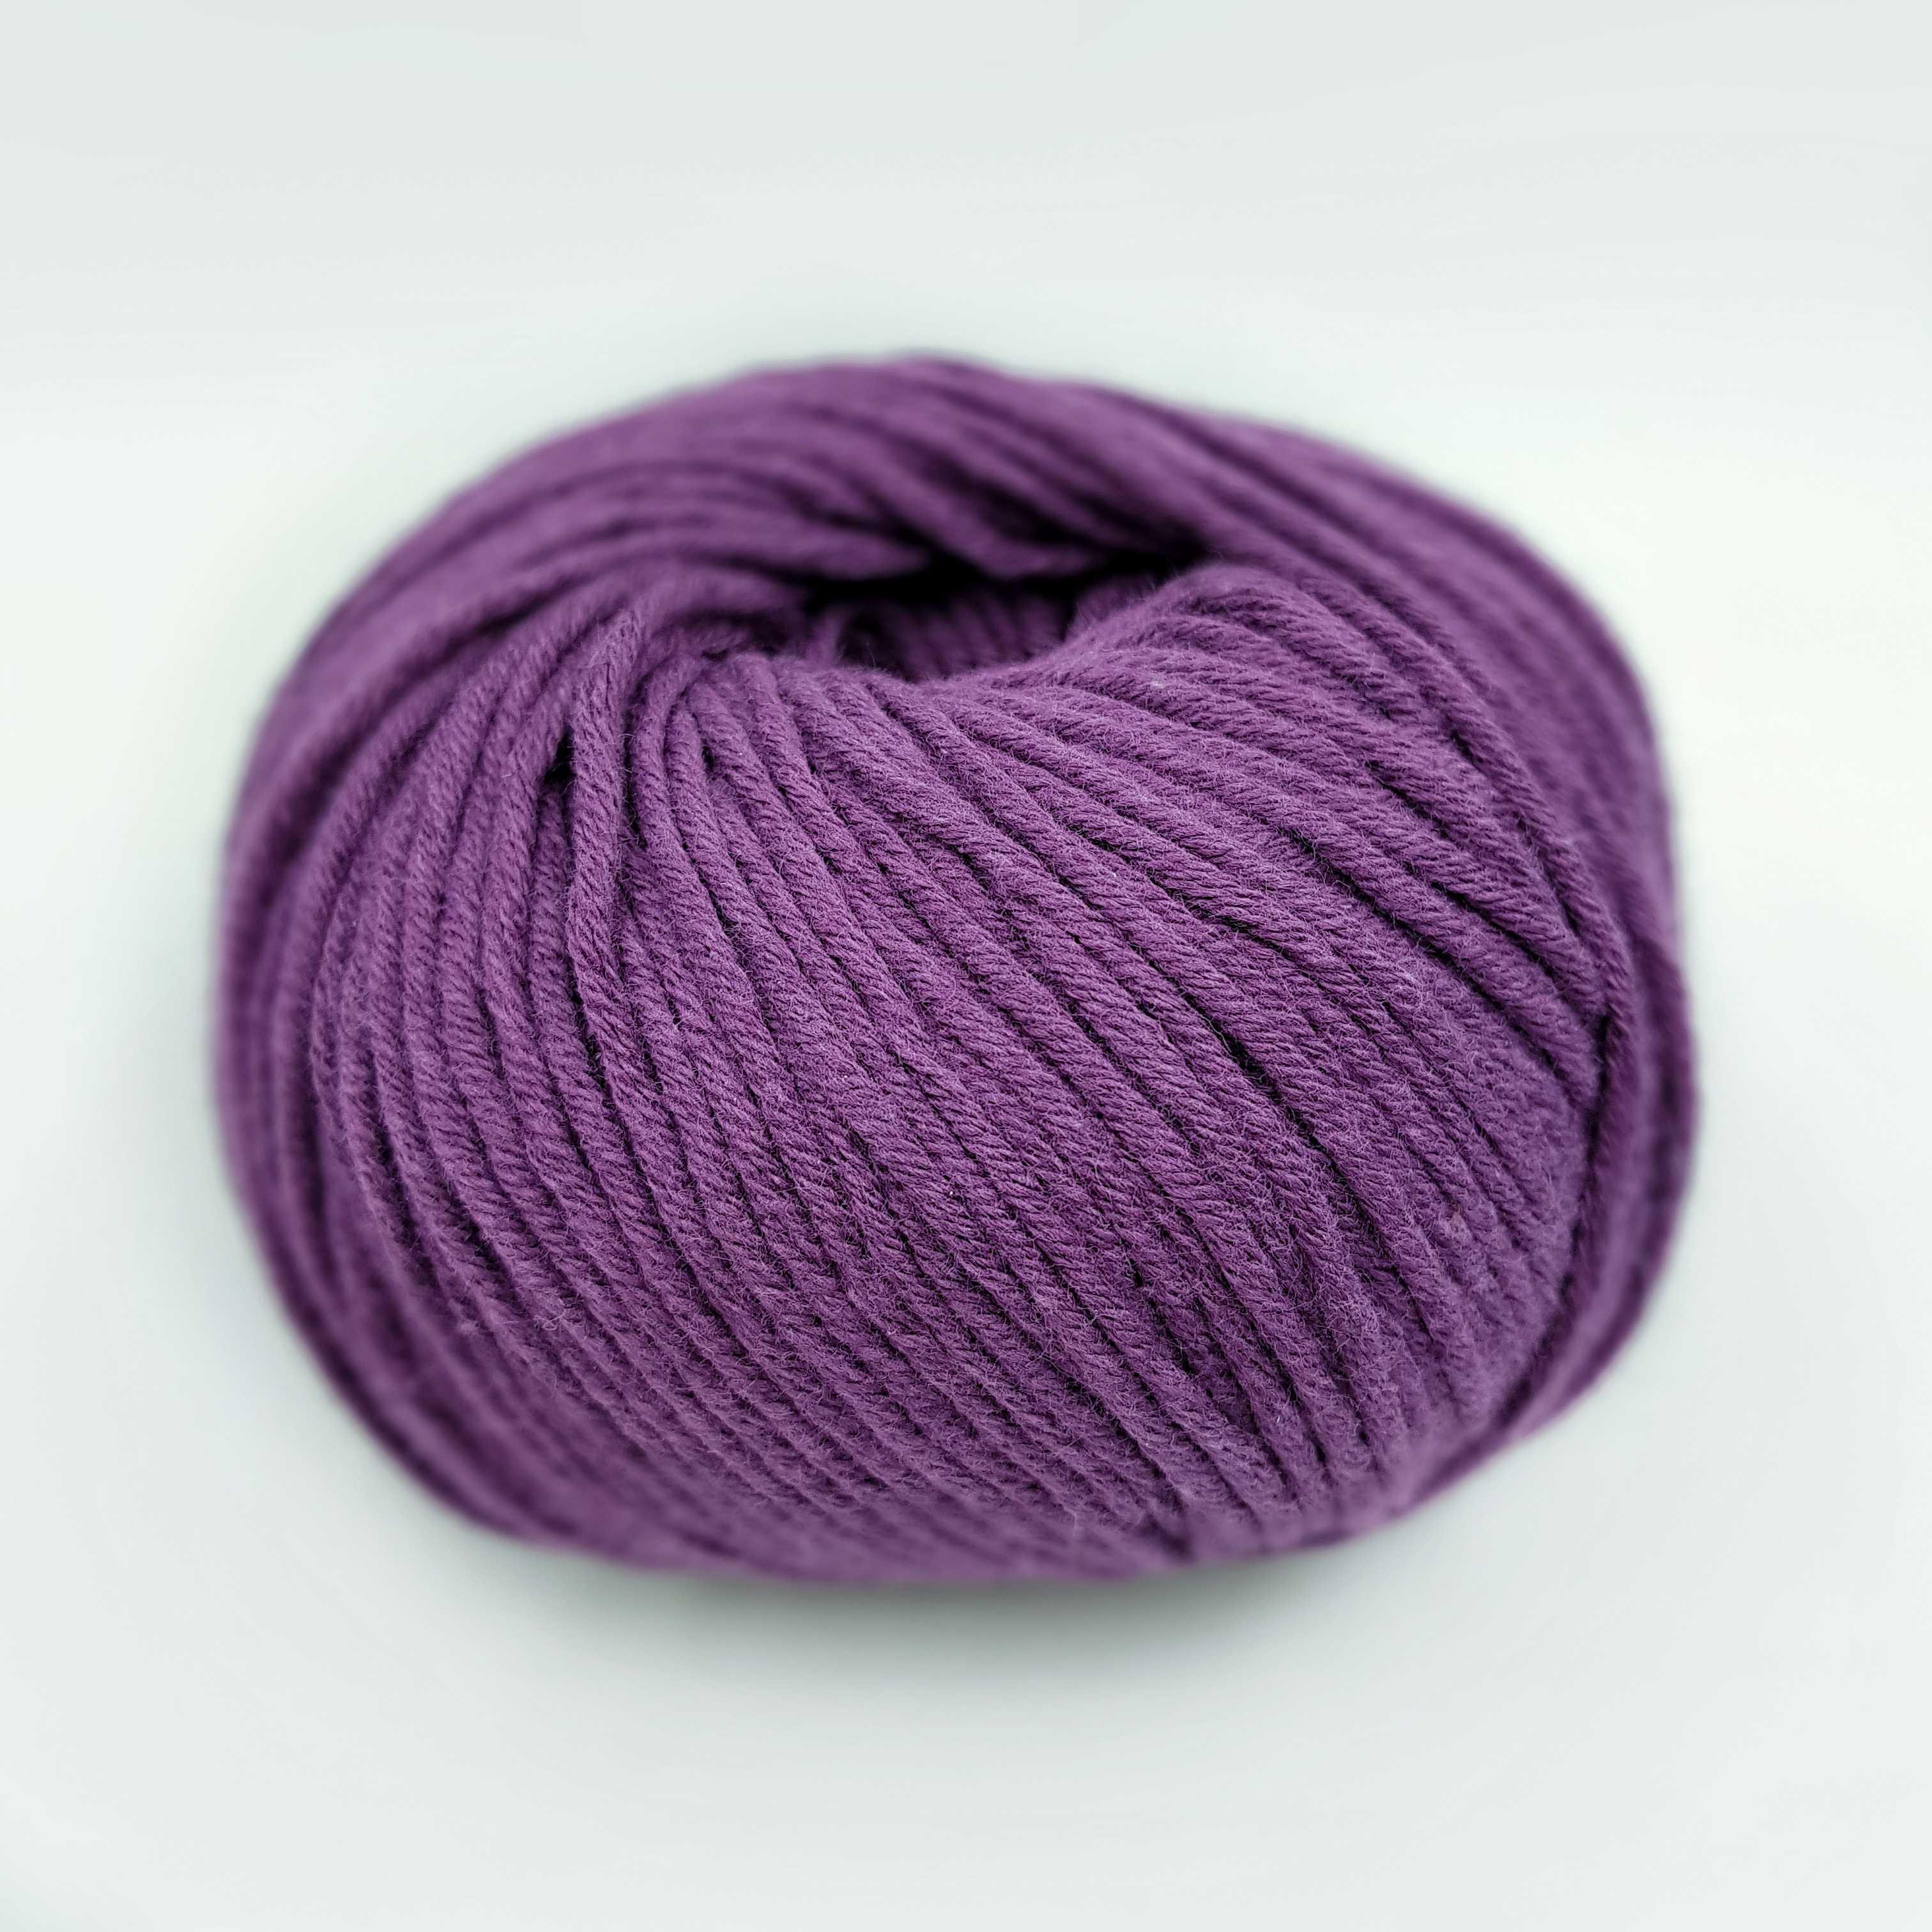 Пряжа Gazzal Baby Cotton Xl, 10 мотков в упаковке|Пряжа| | АлиЭкспресс